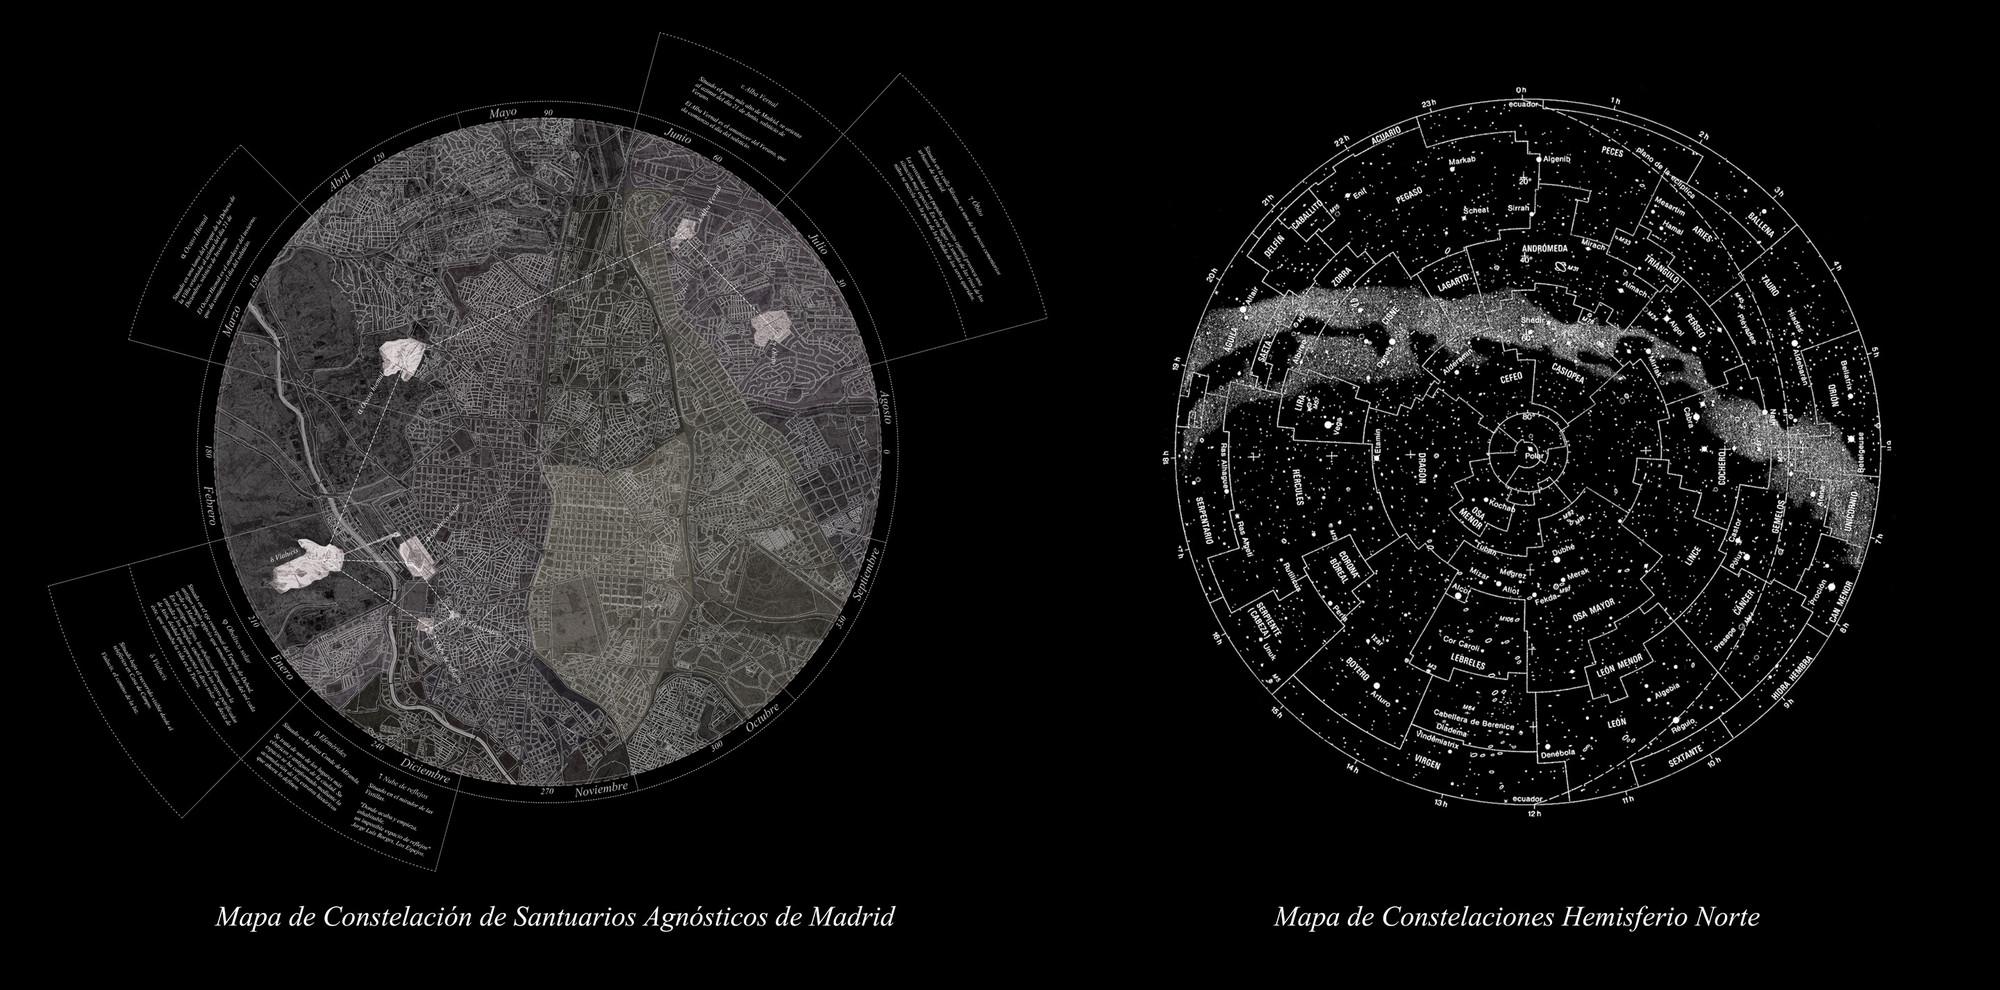 Constelação de Santuários Agnósticos: Sete intervenções em Madri, Constelación de Santuarios Agnósticos. Cortesia de Lucía Barrantes Egaña